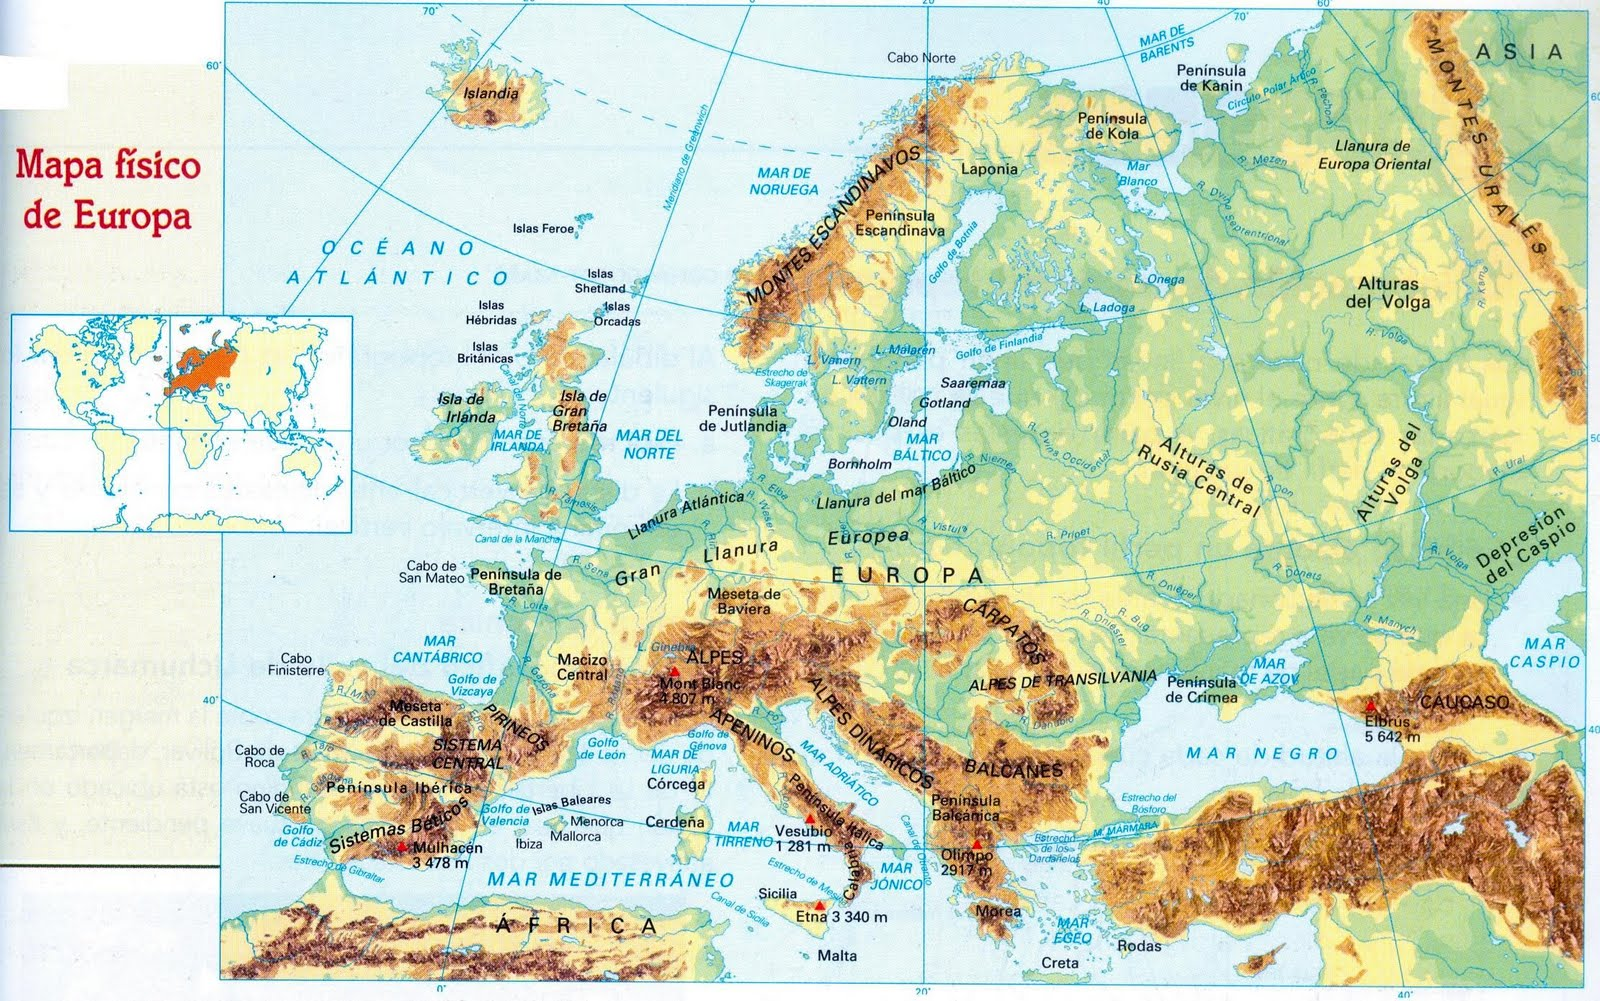 Educarchile  Griegos Y Romanos Influidos por su Geografia